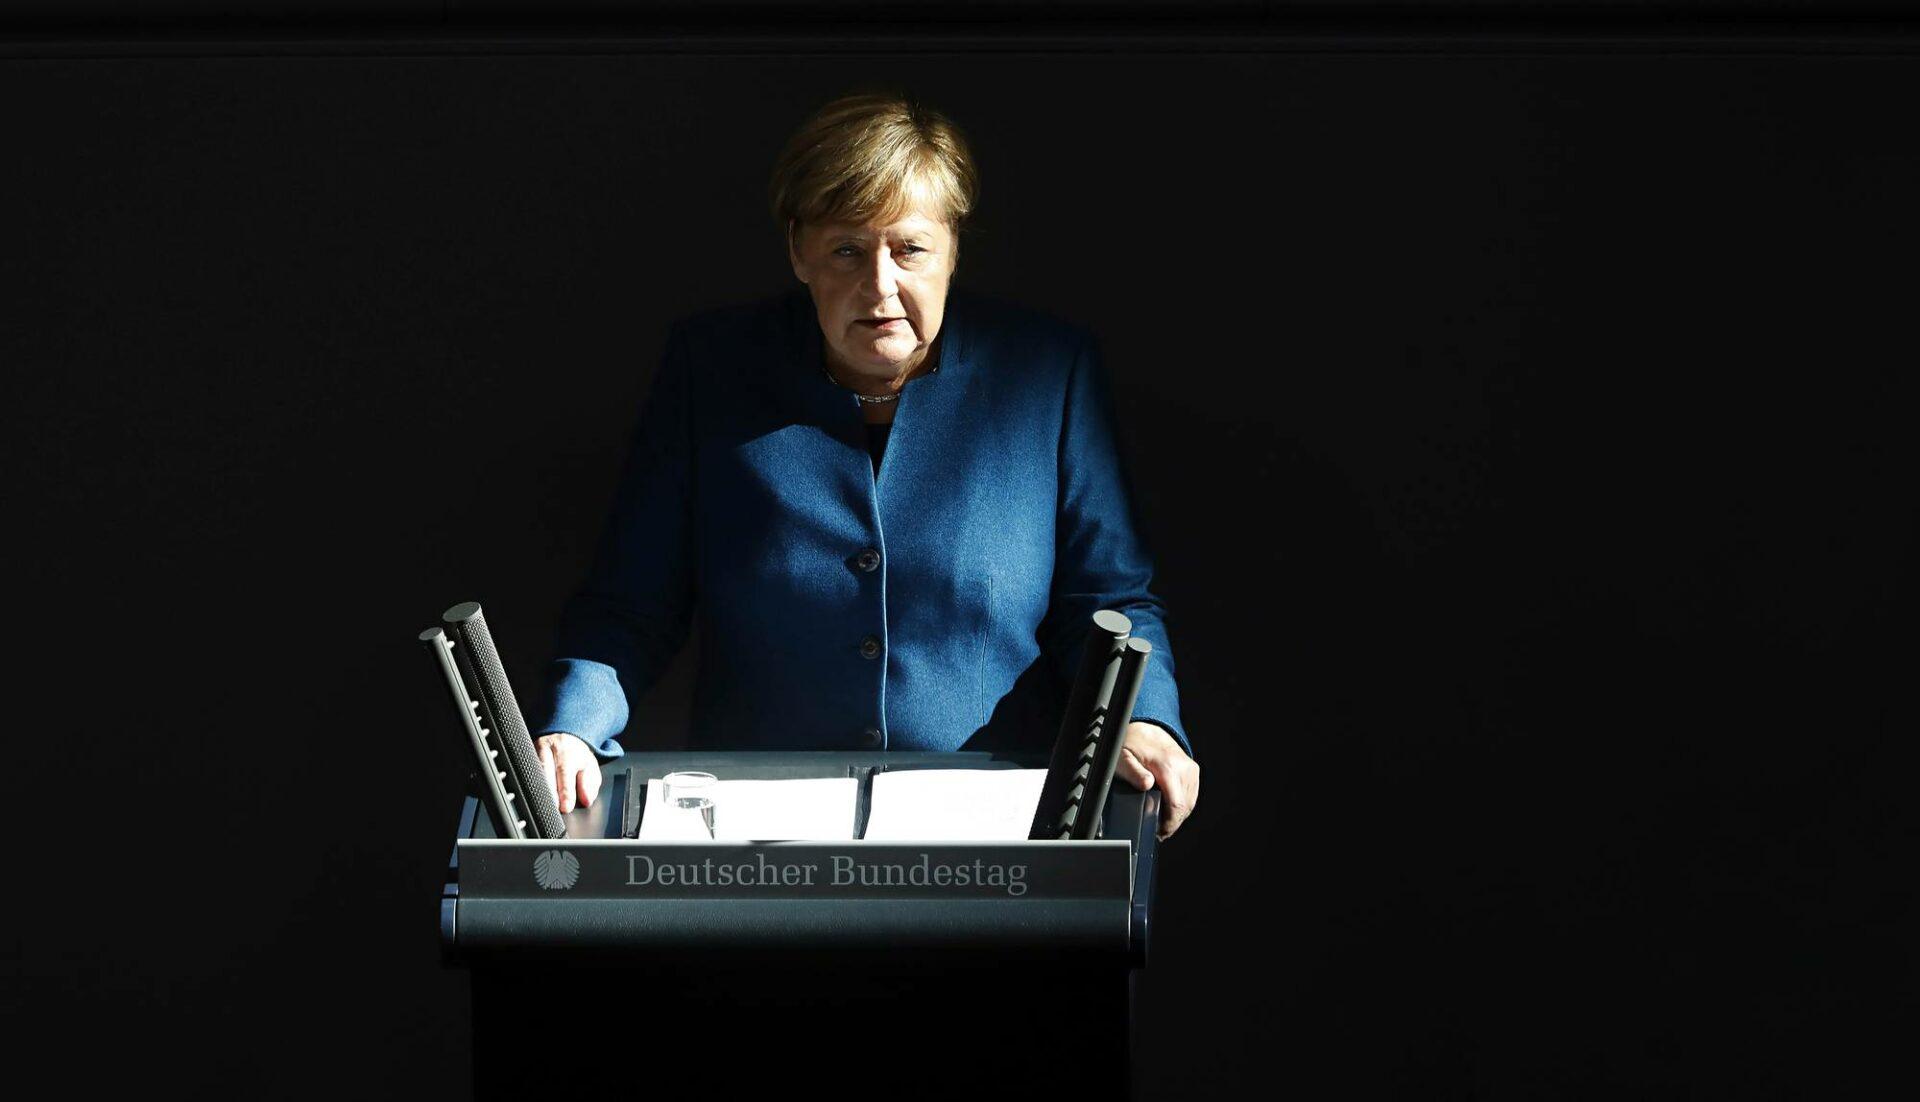 Liittokansleri Angela Merkelin valtakausi päättyy syyskuun lopun vaaleihin.